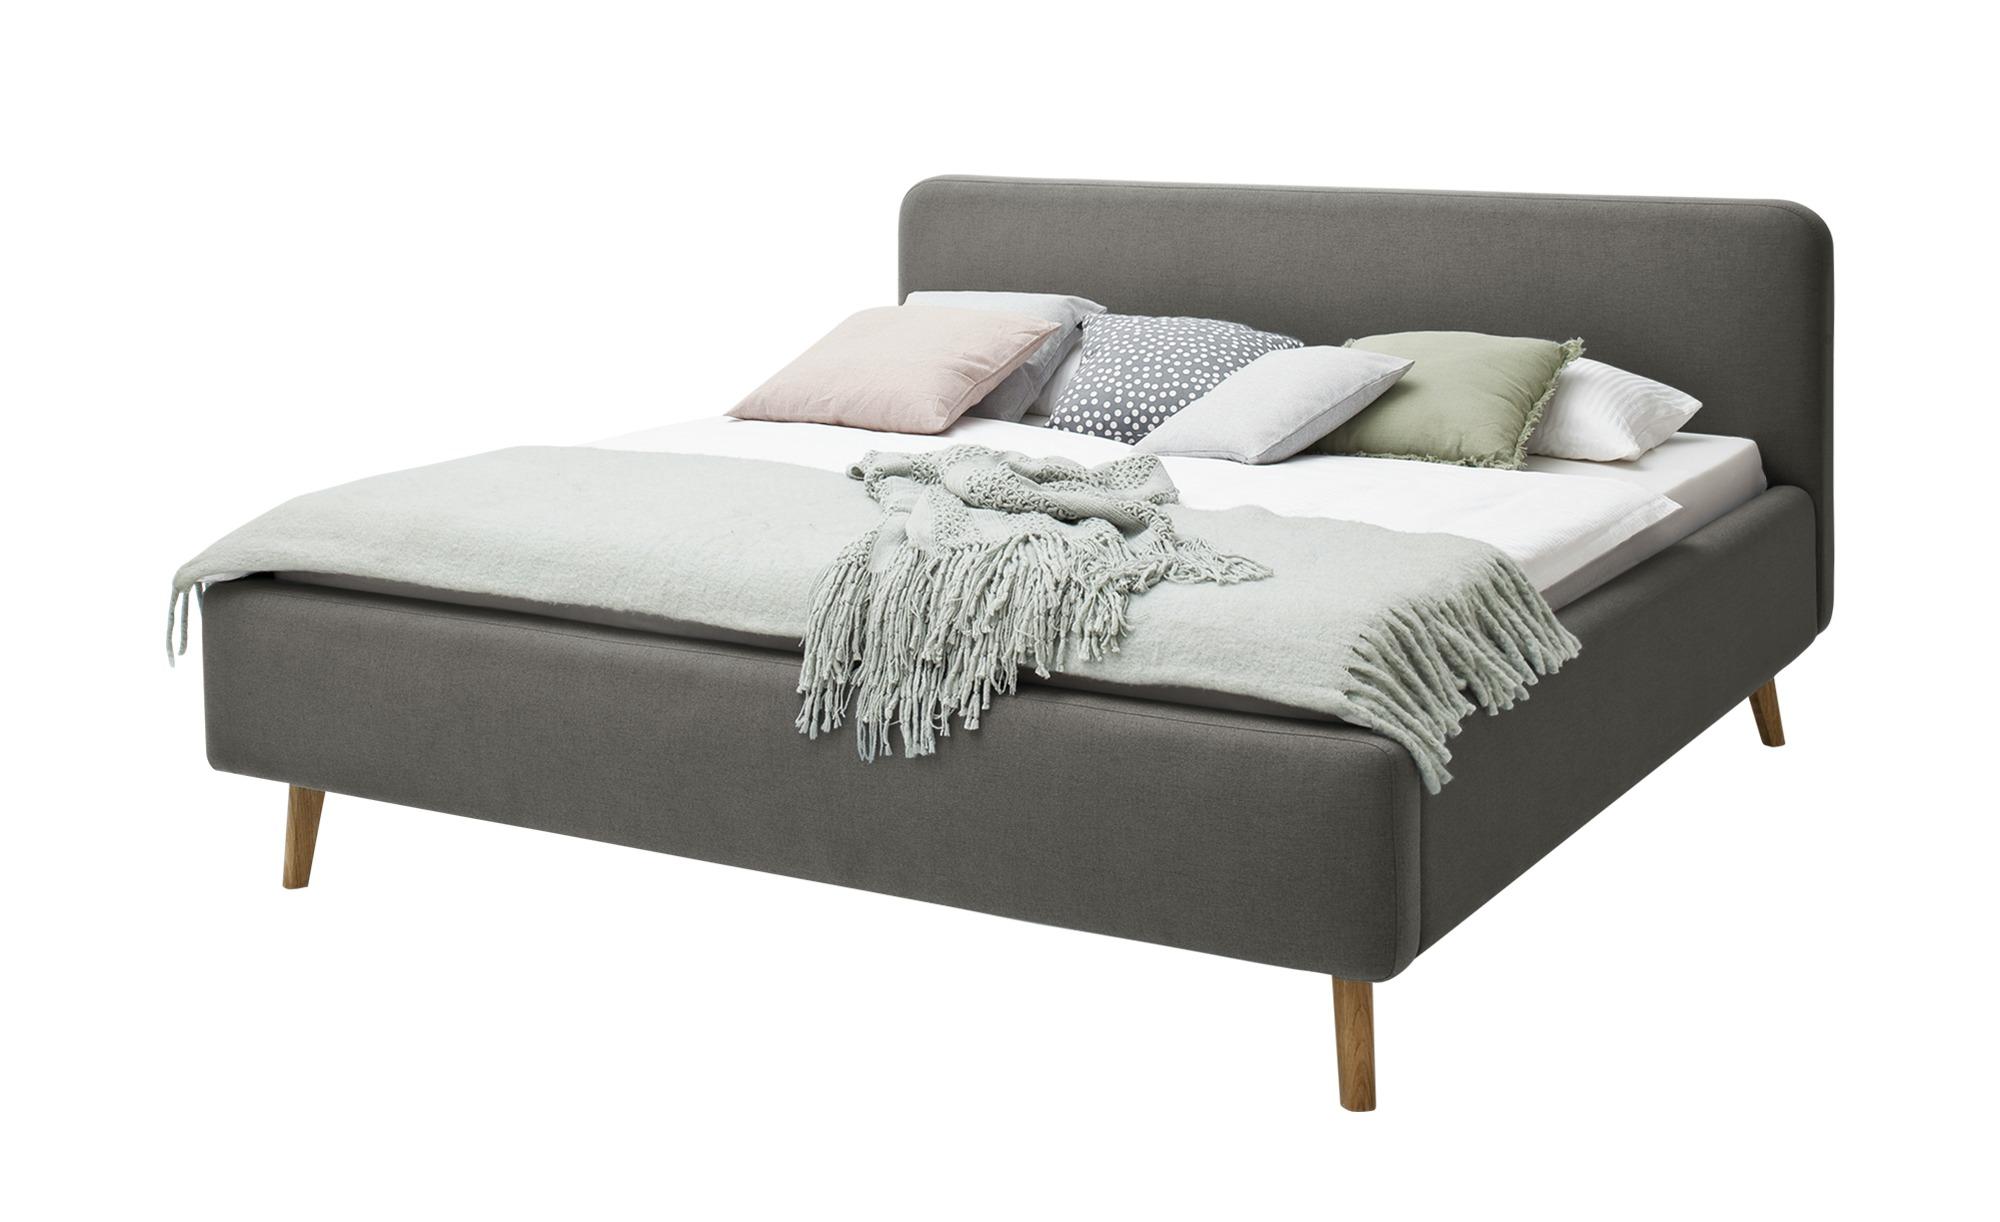 Full Size of Ikea Hemnes Bett 160x200 Grau Tagesbett 160 Tagesbettgestell 140x200 Kaufen Deutschland Lasiert Massiv 180x200 Schwarz 100x200 Kopfteil Selber Machen Im Wohnzimmer Hemnes Bett Grau